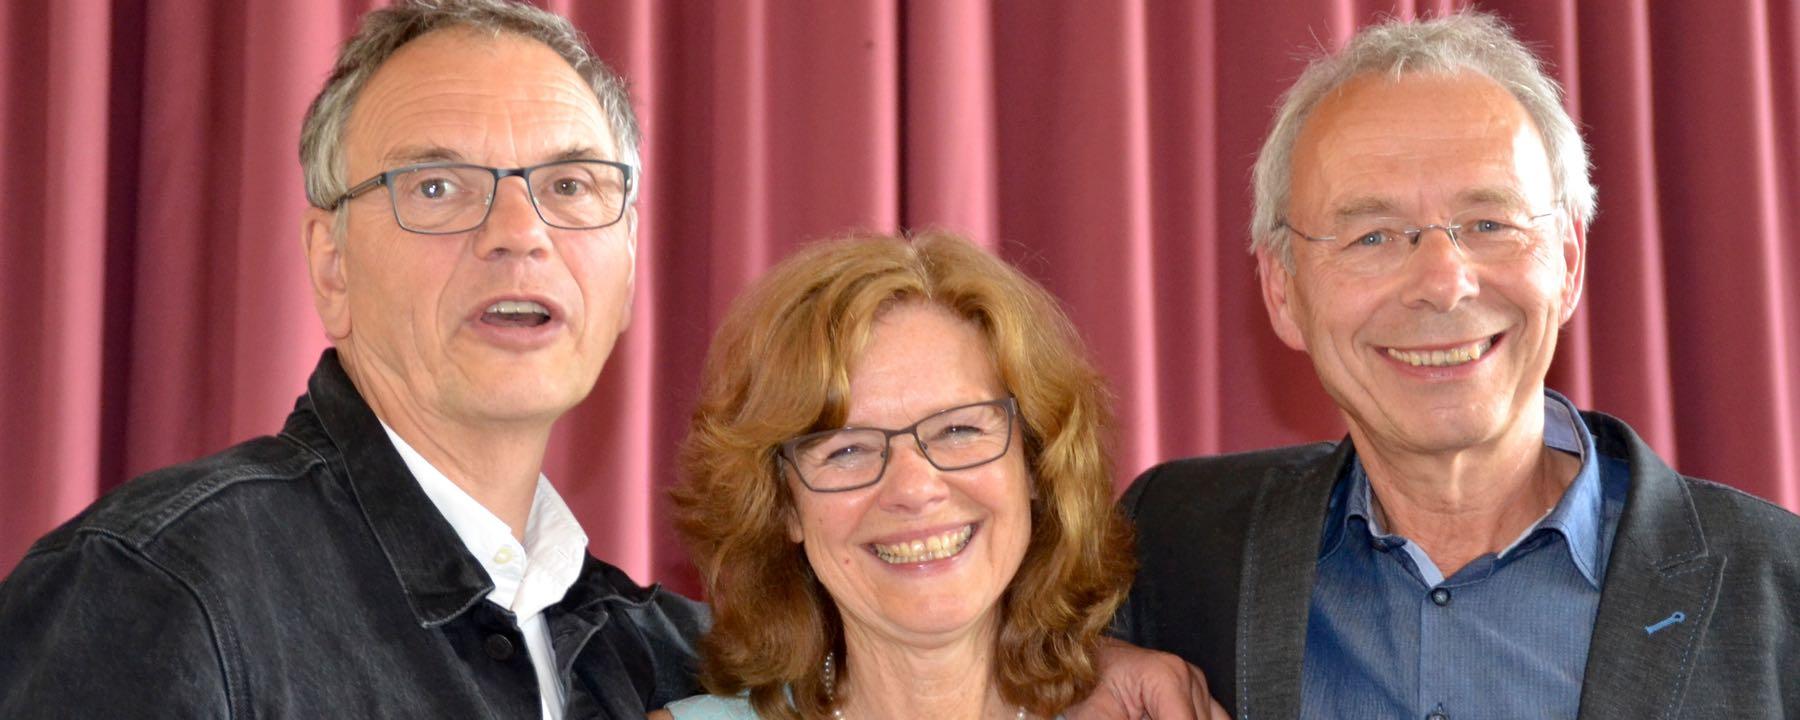 Drei Kollegen In Den Ruhestand Verabschiedet